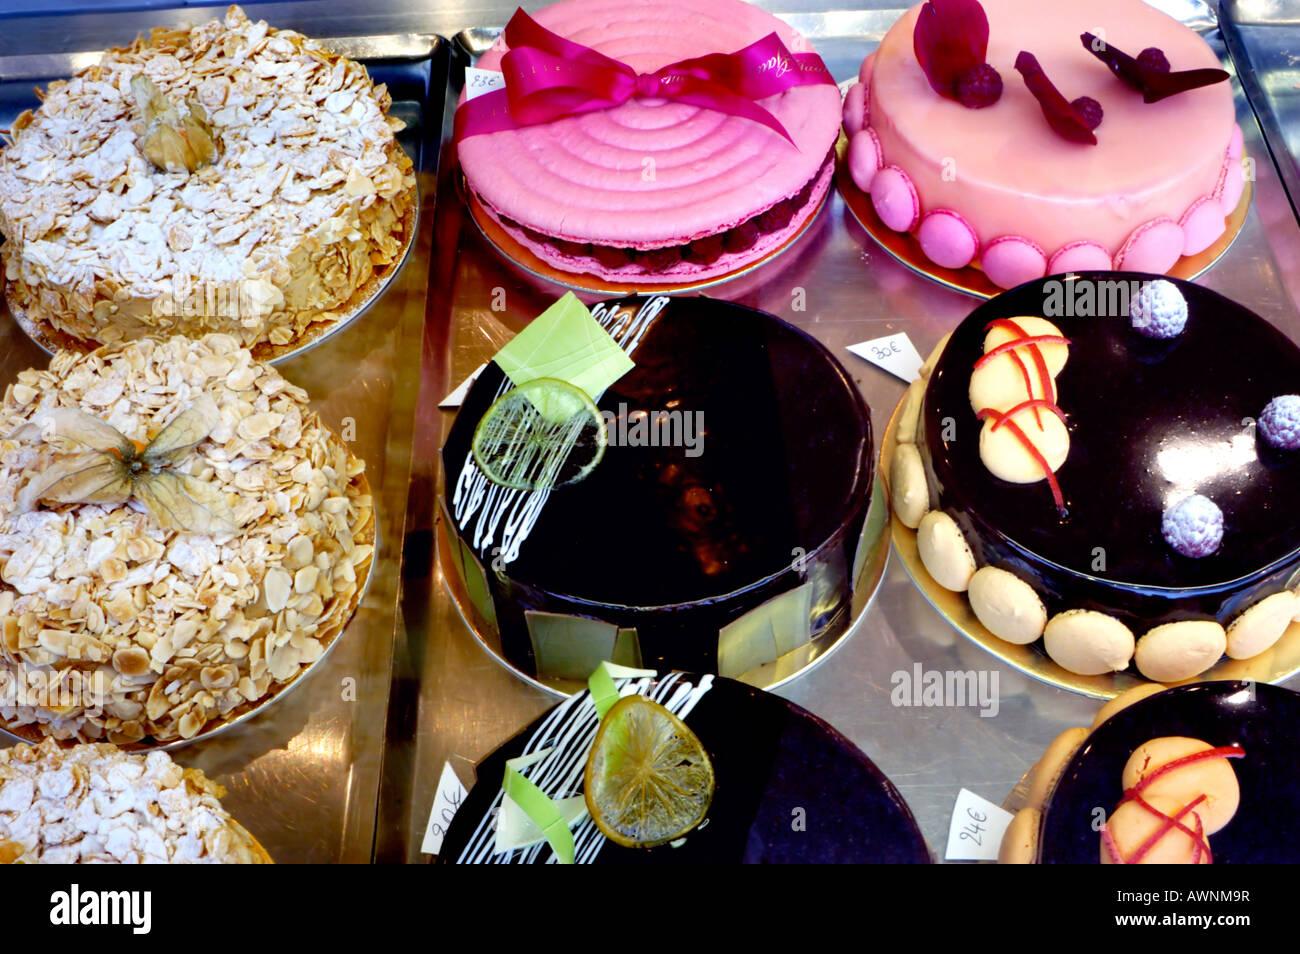 """Cibo francese La Francia Shopping panificio negozio di dolci francesi """"Gaulupeau' Pasticceria Display Immagini Stock"""